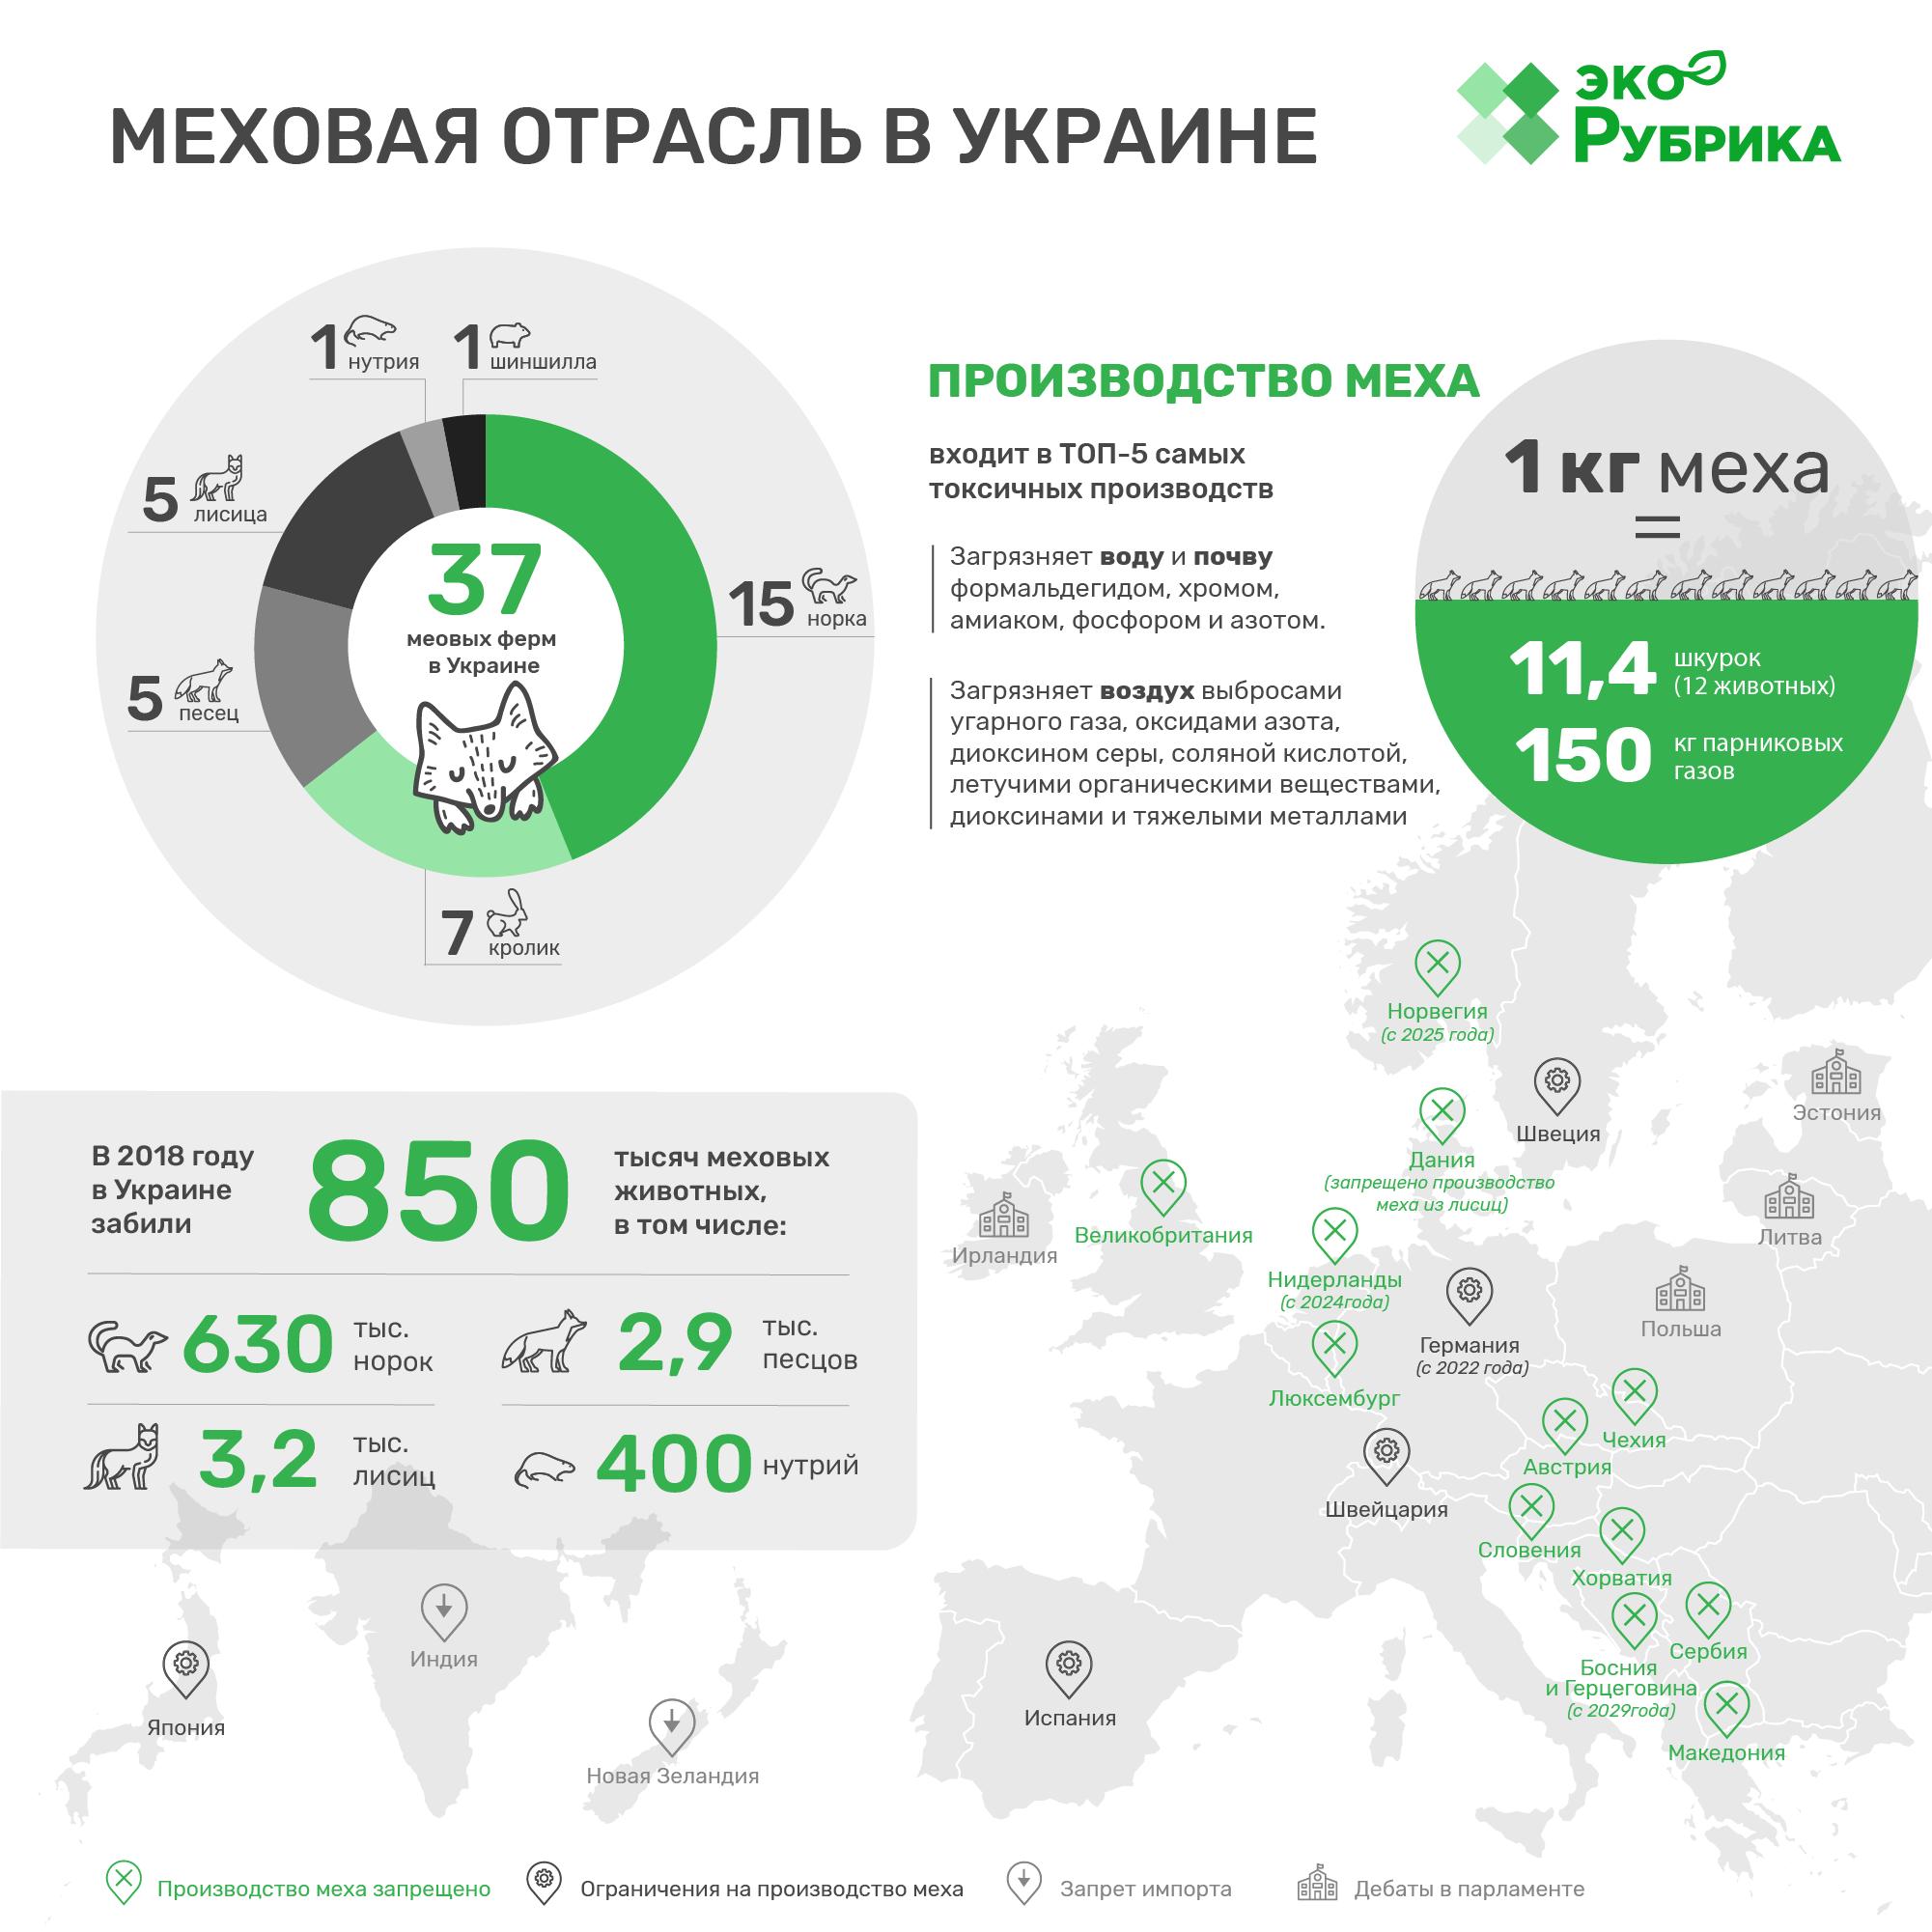 меховая отрасль в украине